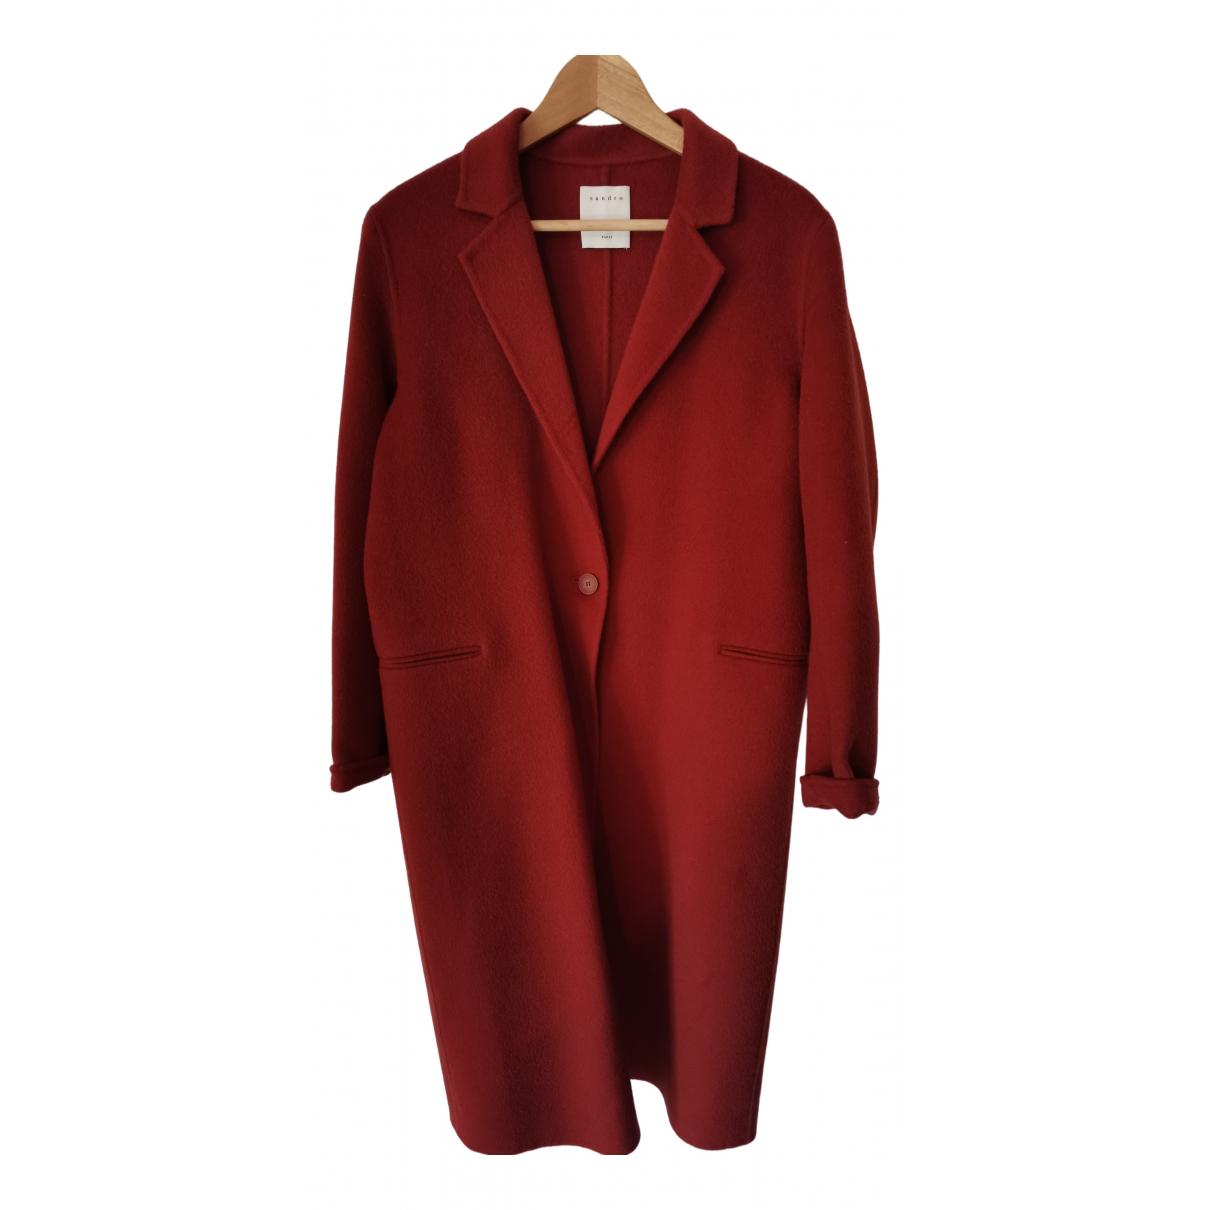 Sandro N Orange coat for Women 36 FR